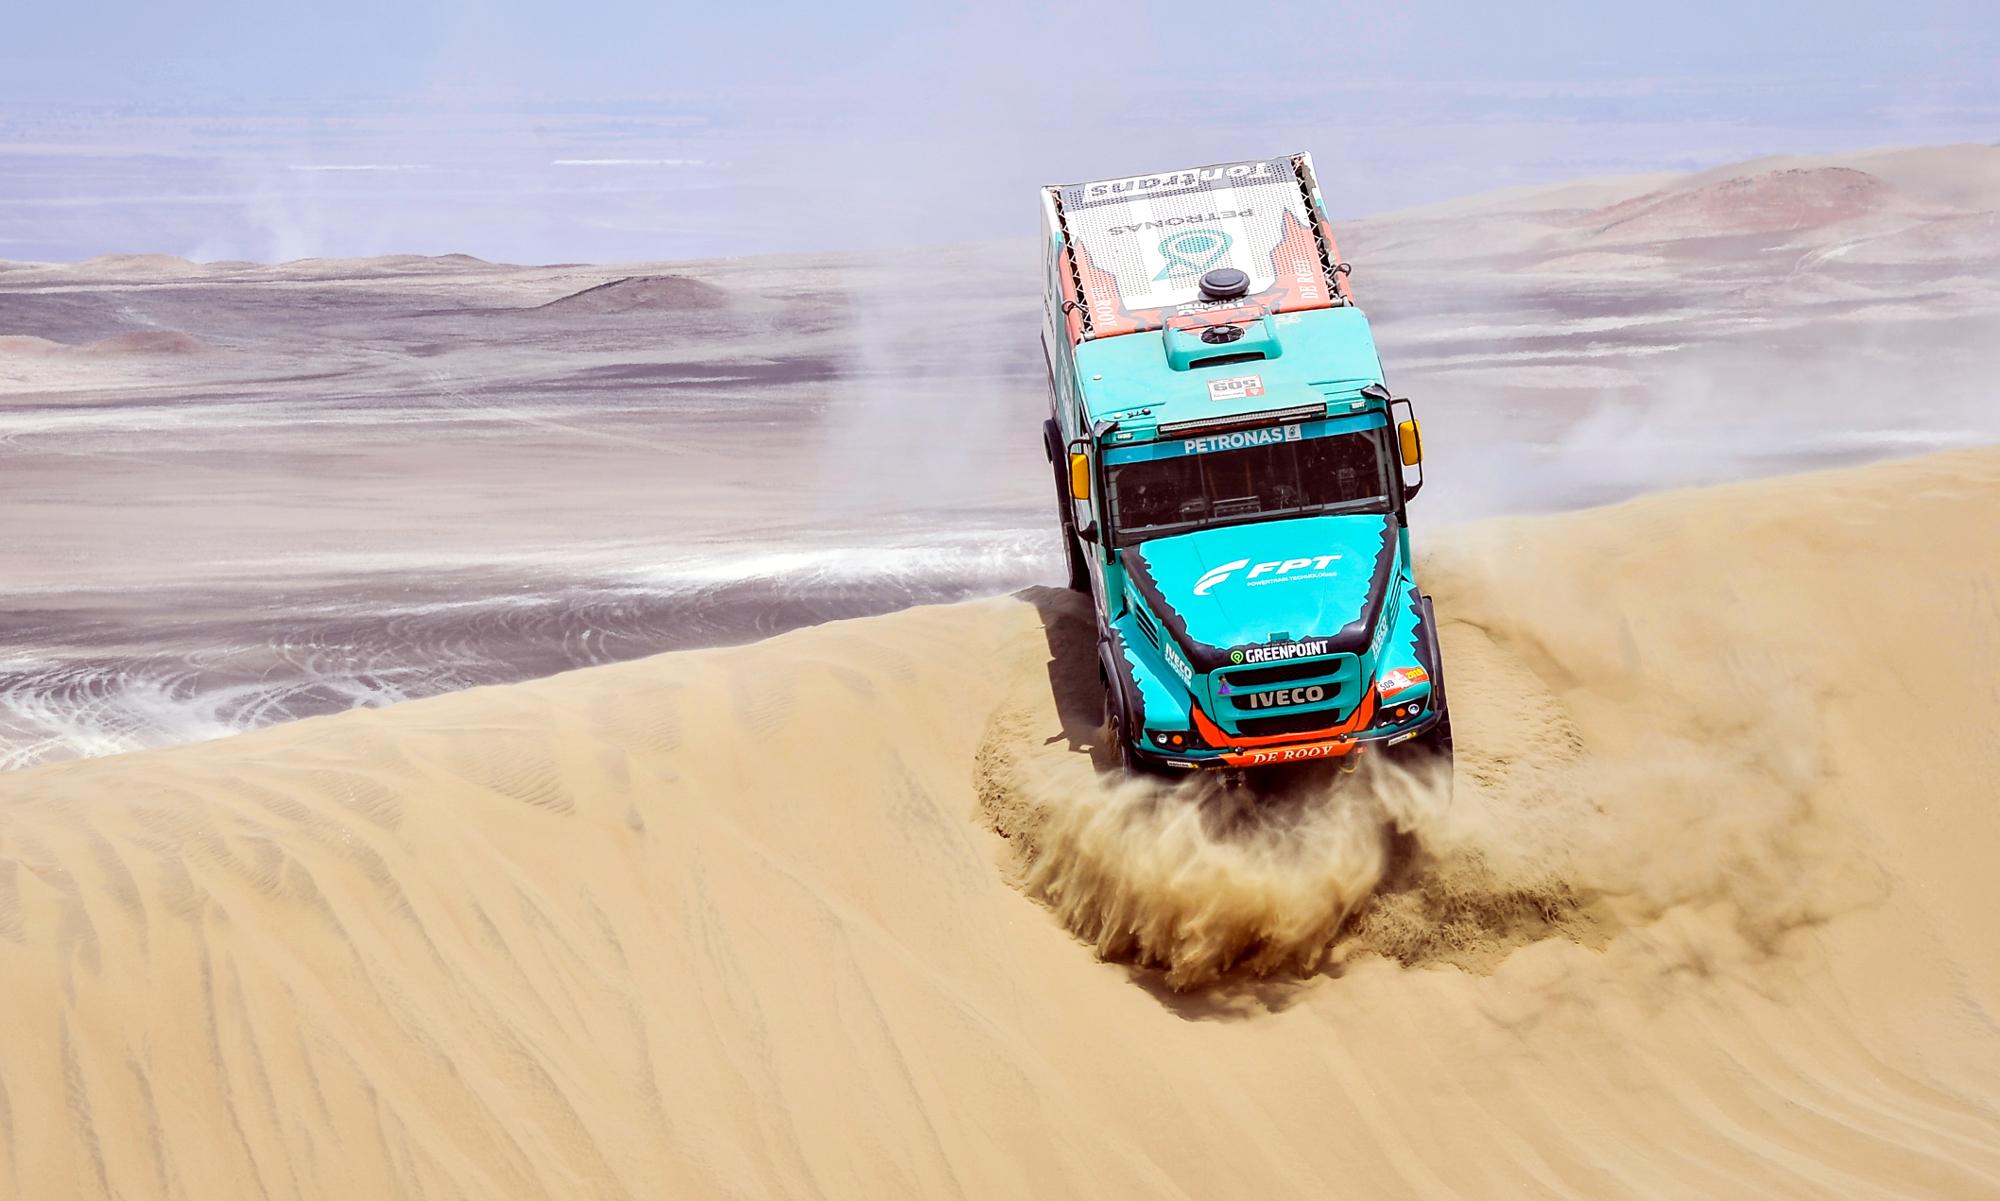 Įspūdingi Dakaro skaičiai: 534 sportininkai ir 334 transporto priemonės 2019 m. Dakaro ralyje dalyvauja 534 sportininkai iš 61 valstybės. Dažniausiai jie turi Prancūzijos (84), Ispanijos (65) bei Olandijos (50) pilietybes. Lietuvių šiemet – 7. Ralyje startavo 334 transporto priemonės: 167 motociklai ir keturračiai, 126 automobiliai ir bagiai bei 41 sunkvežimis. Tarp jų – du lietuvių komandų motociklai ir trys automobiliai (šaltinis: 15min.lt).